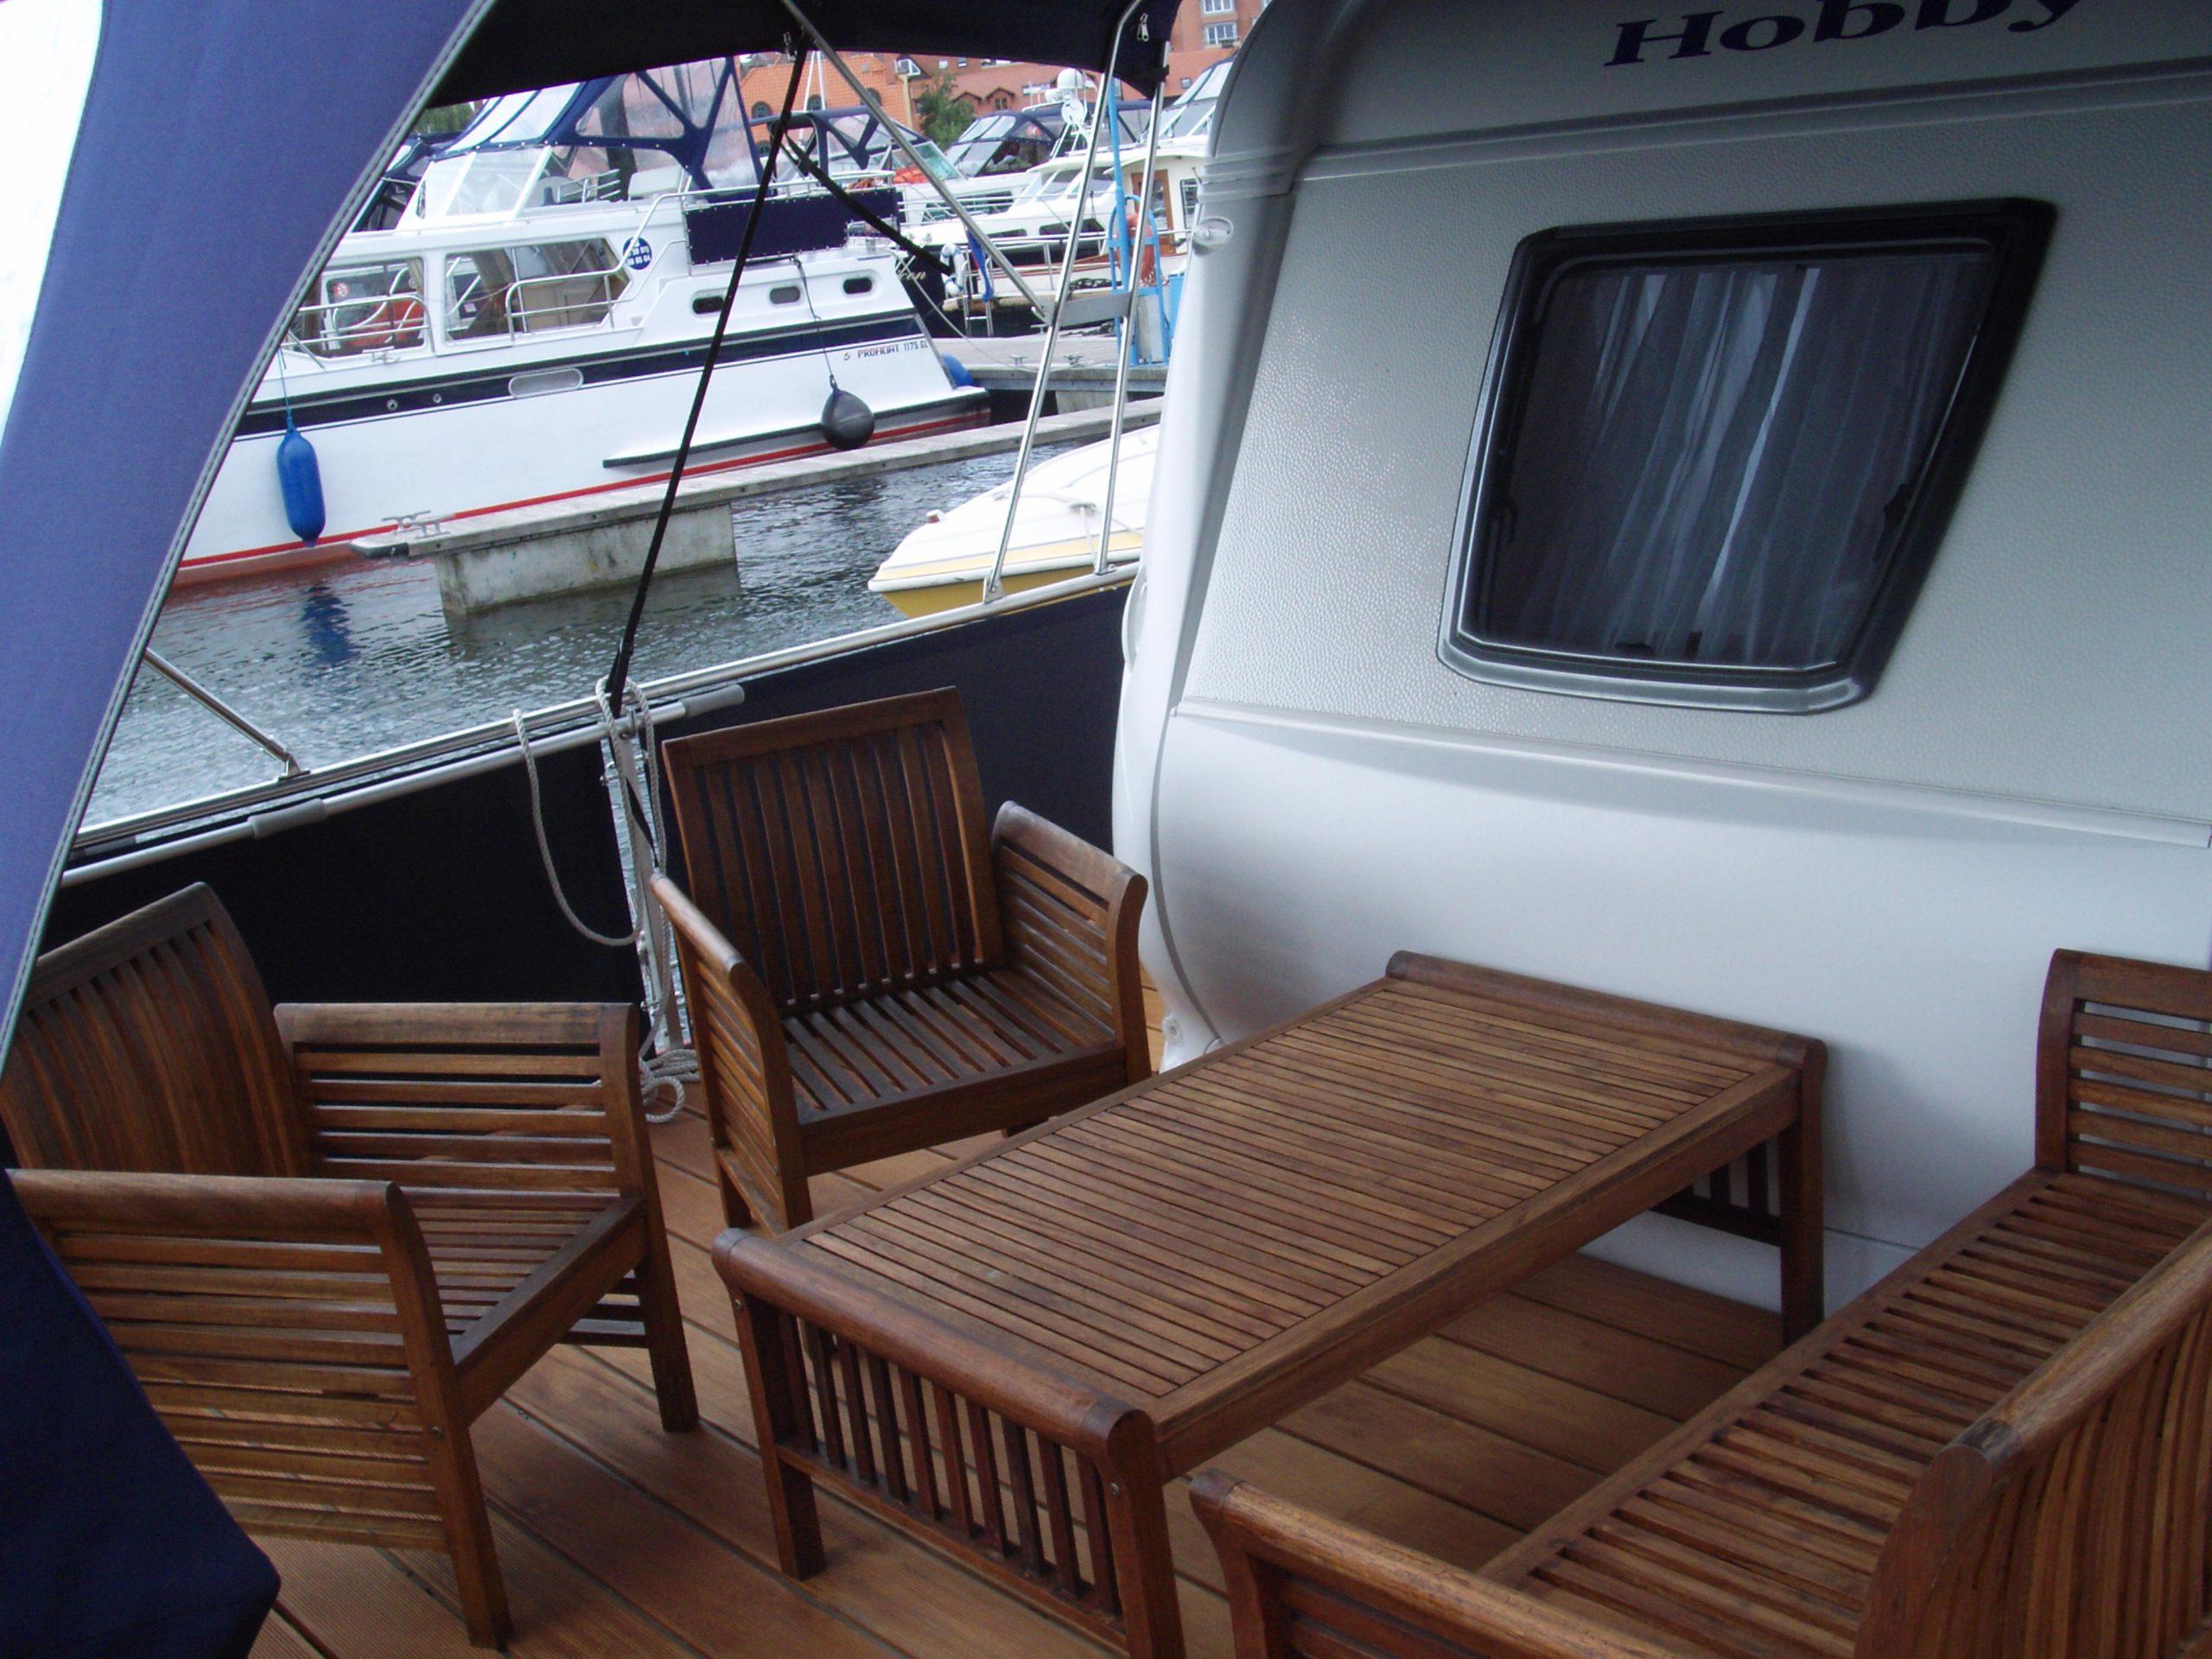 Sitzmöglichkeiten auf dem Deck des WaterCampers